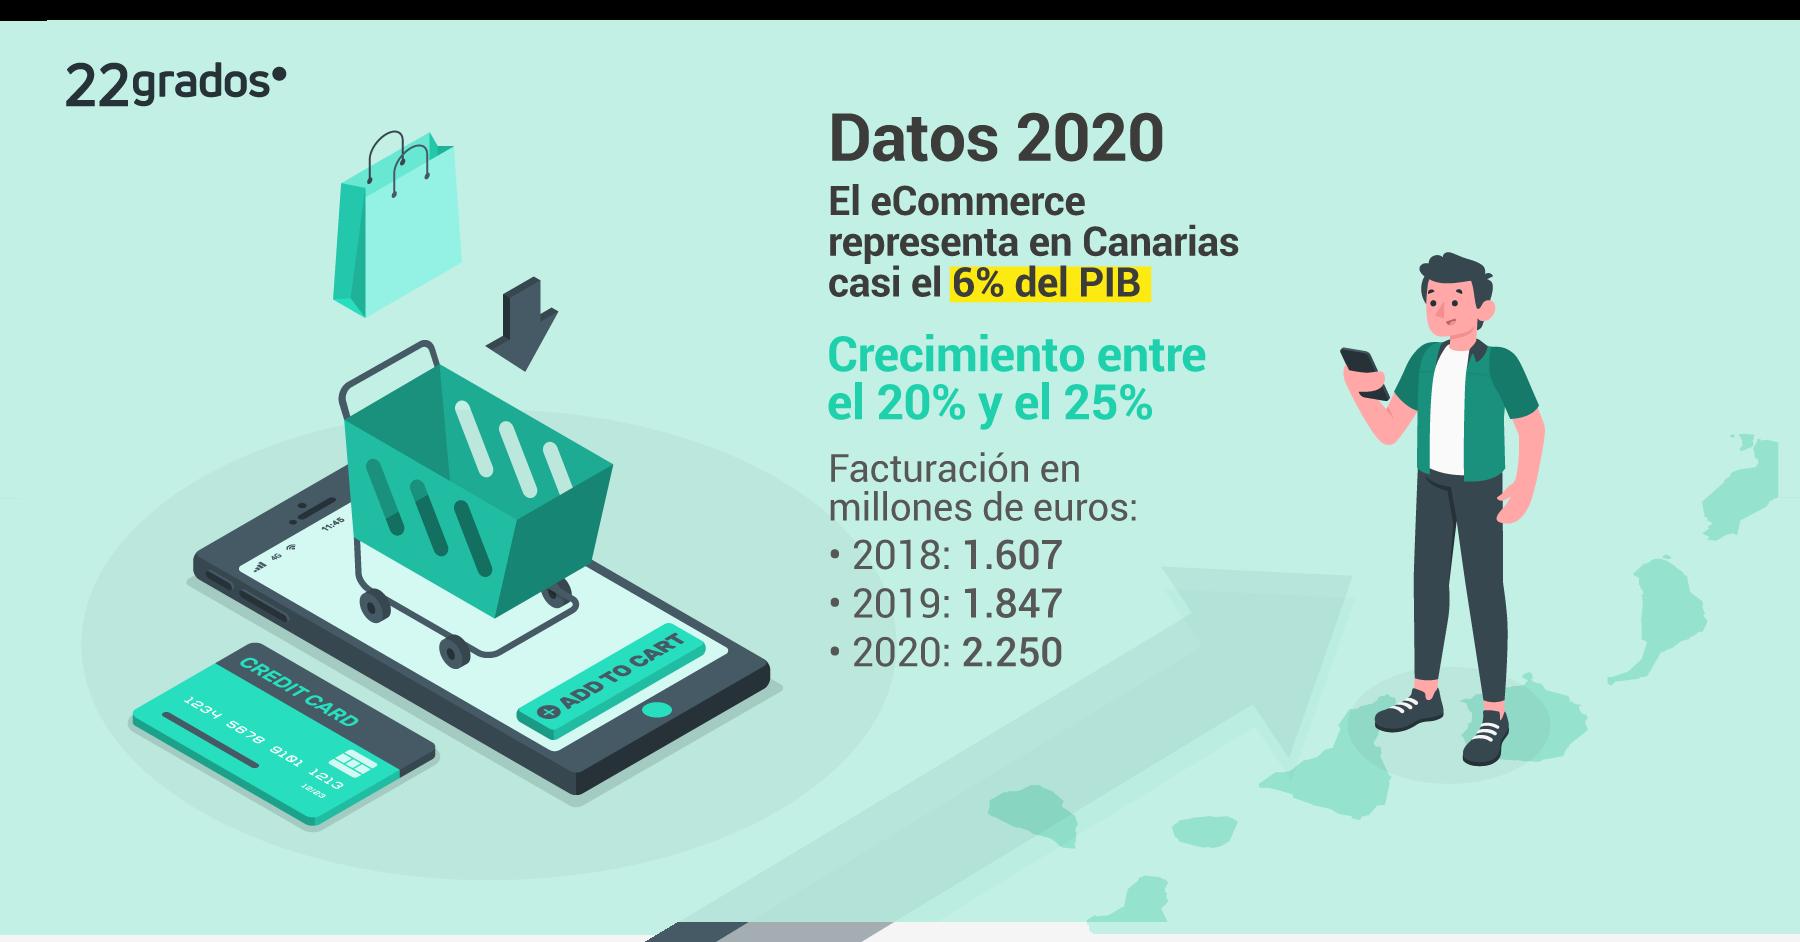 El eCommerce creció en Canarias durante el 2020 y hoy supone casi el 6% del PIB